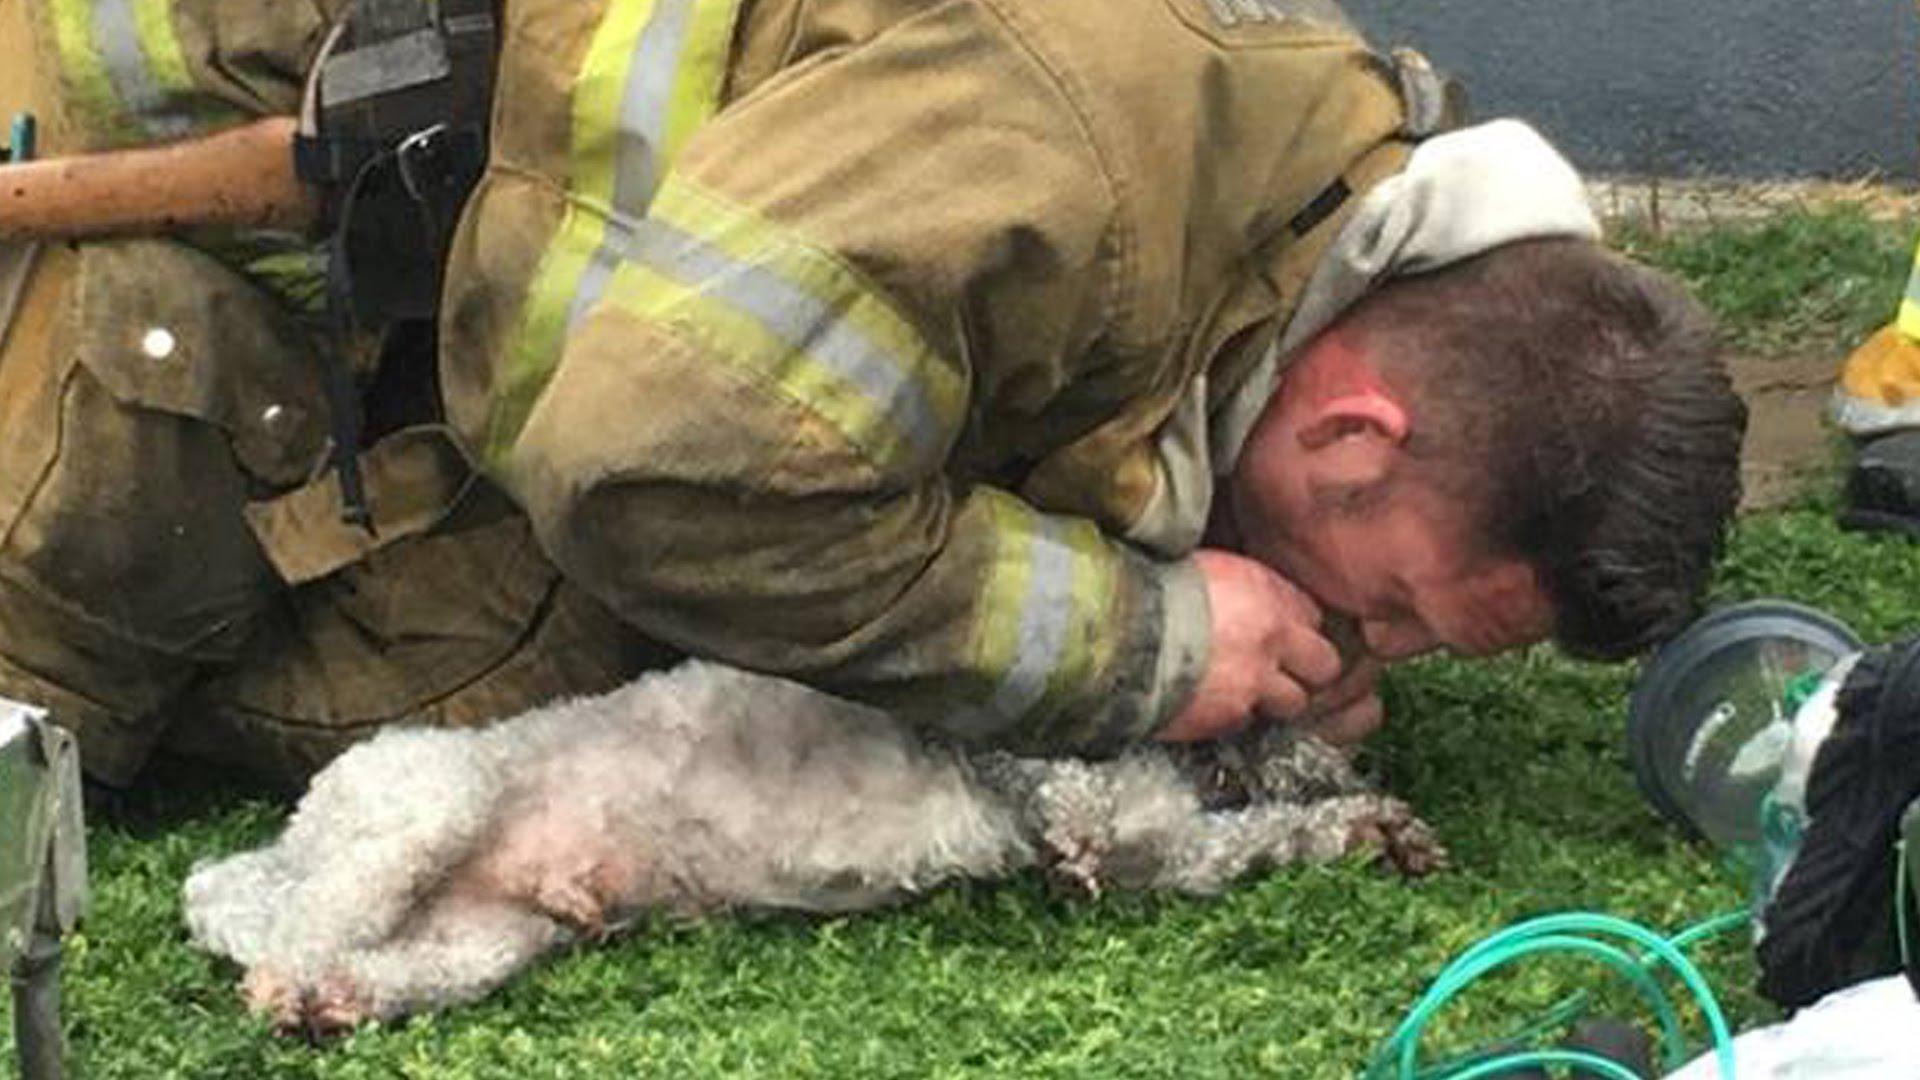 火災で瀕死の犬。消防士の懸命な蘇生処置で一命を取り止める!その後のコメントがかっこいい。